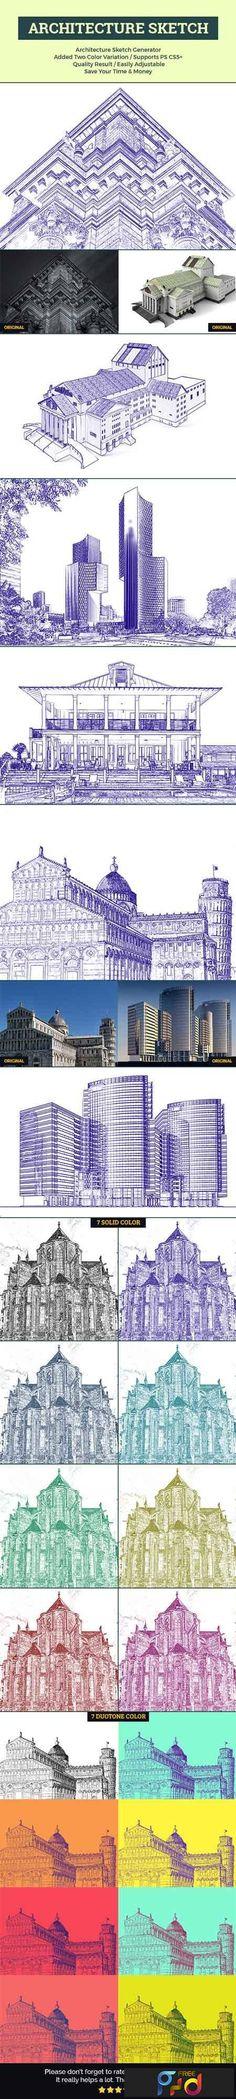 1706050 Architecture Sketch 20603535